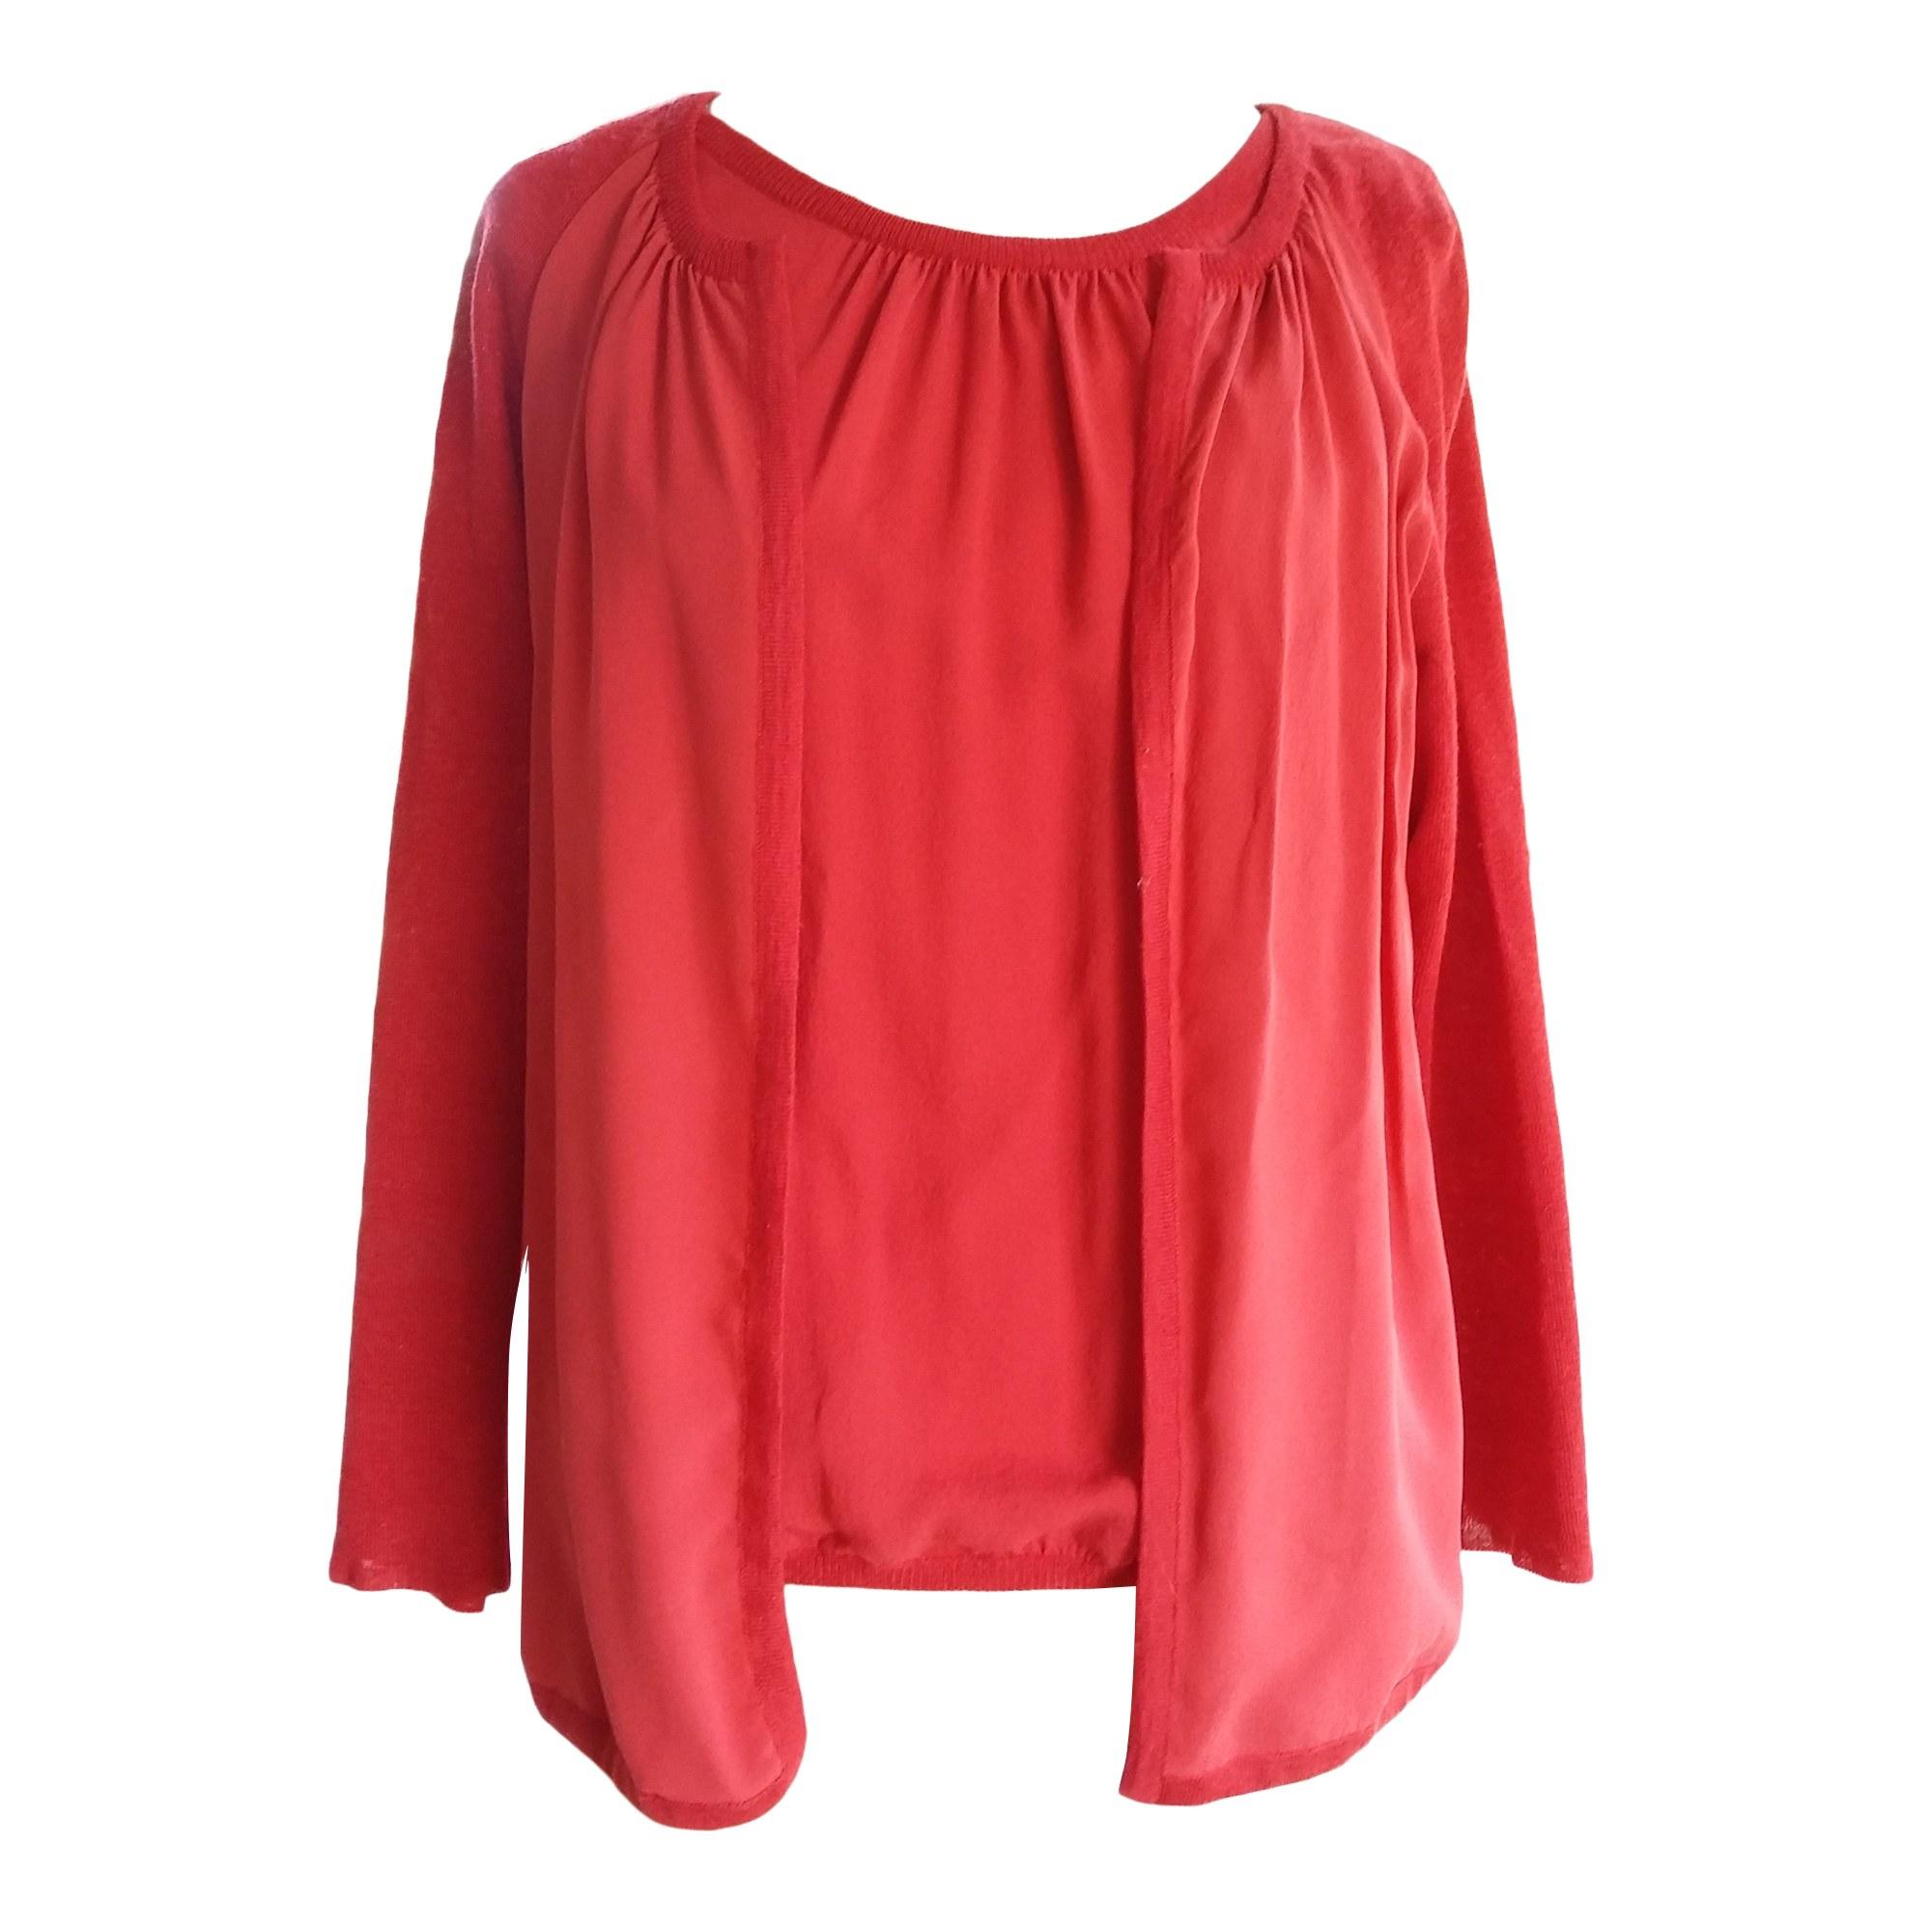 Top, tee-shirt LONGCHAMP Rouge, bordeaux